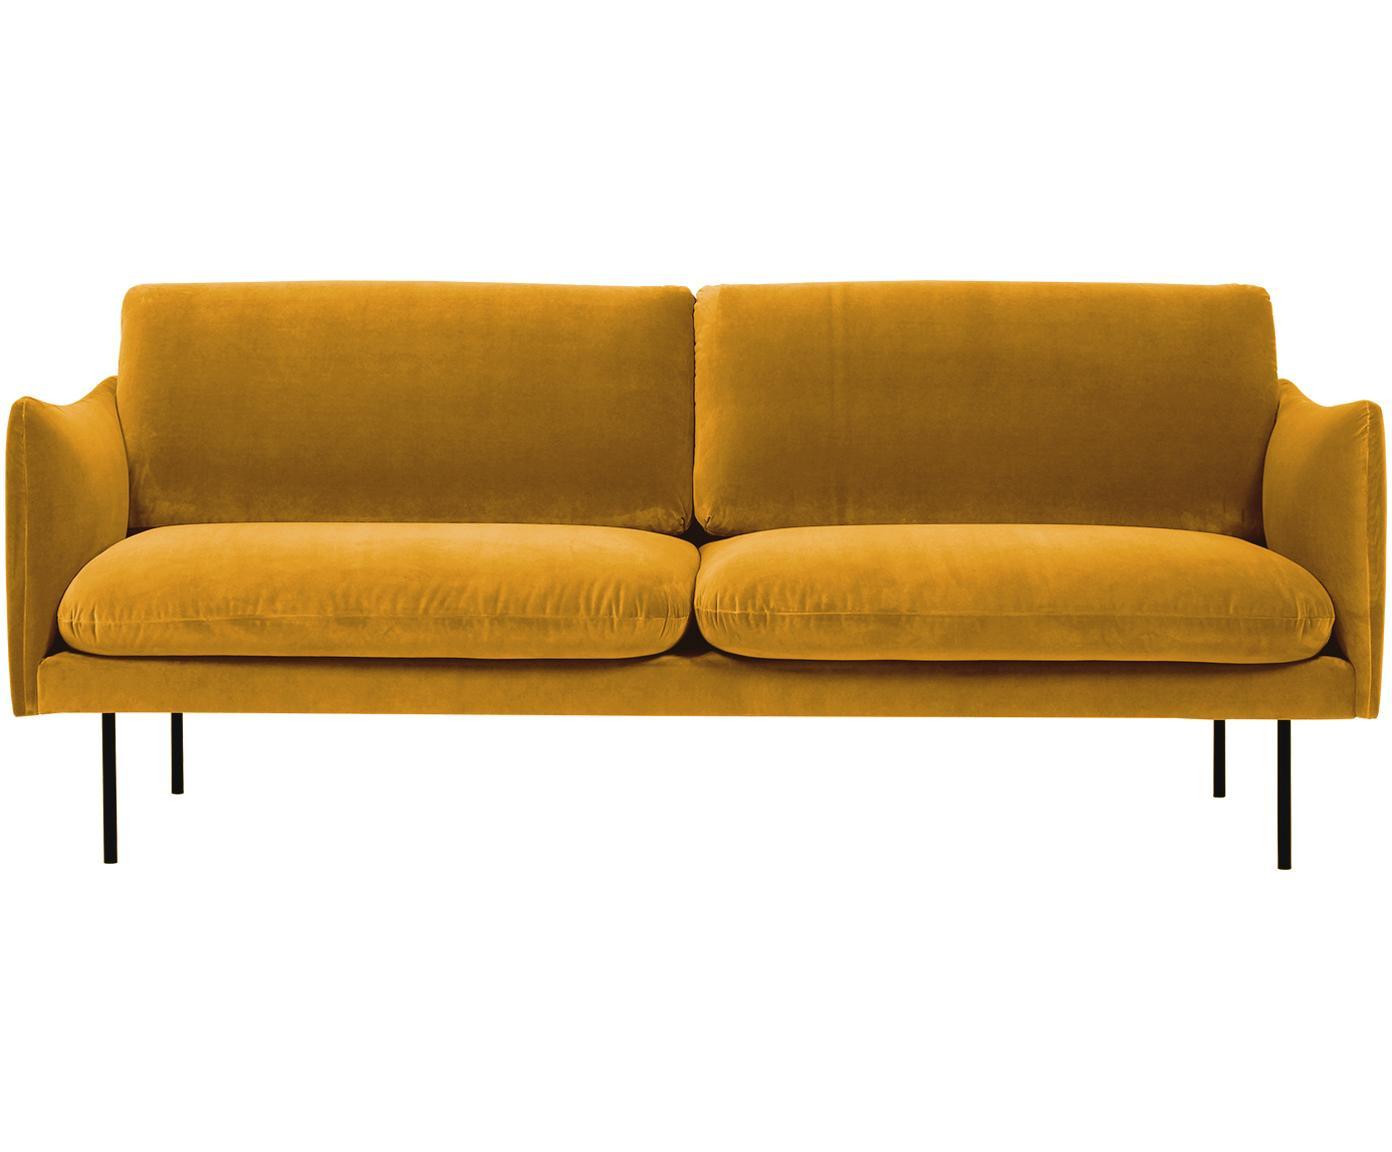 Divano 2 posti in velluto giallo senape Moby, Rivestimento: velluto (rivestimento in , Struttura: legno di pino massiccio, Piedini: metallo verniciato a polv, Giallo senape, Larg. 170 x Prof. 95 cm